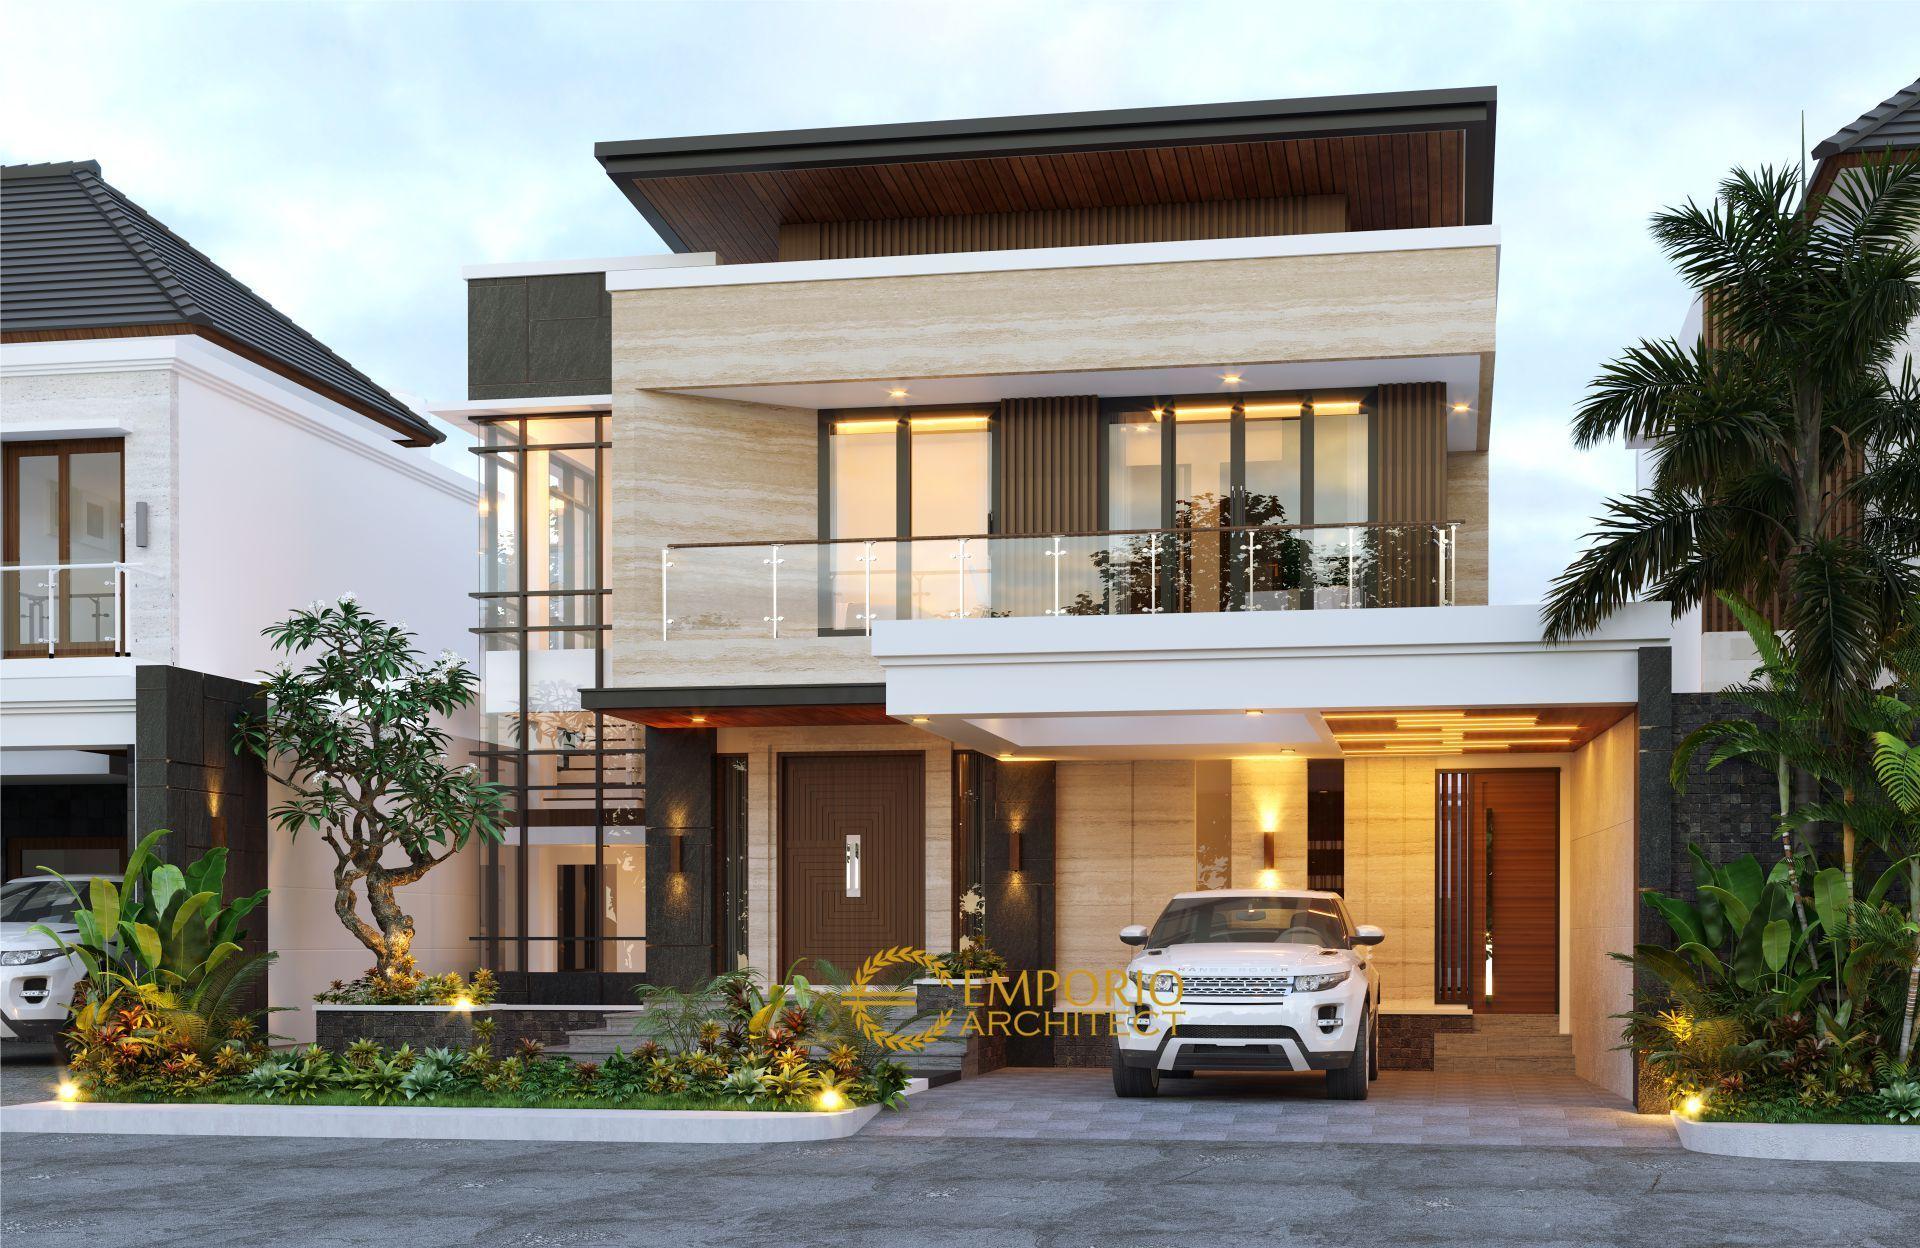 Desain Rumah Modern 2 Lantai Ibu Cynthia Angraini Tampubolon Di Pekanbaru Riau Jasa Arsitek Desain R Desain Rumah Modern Desain Eksterior Rumah Rumah Modern